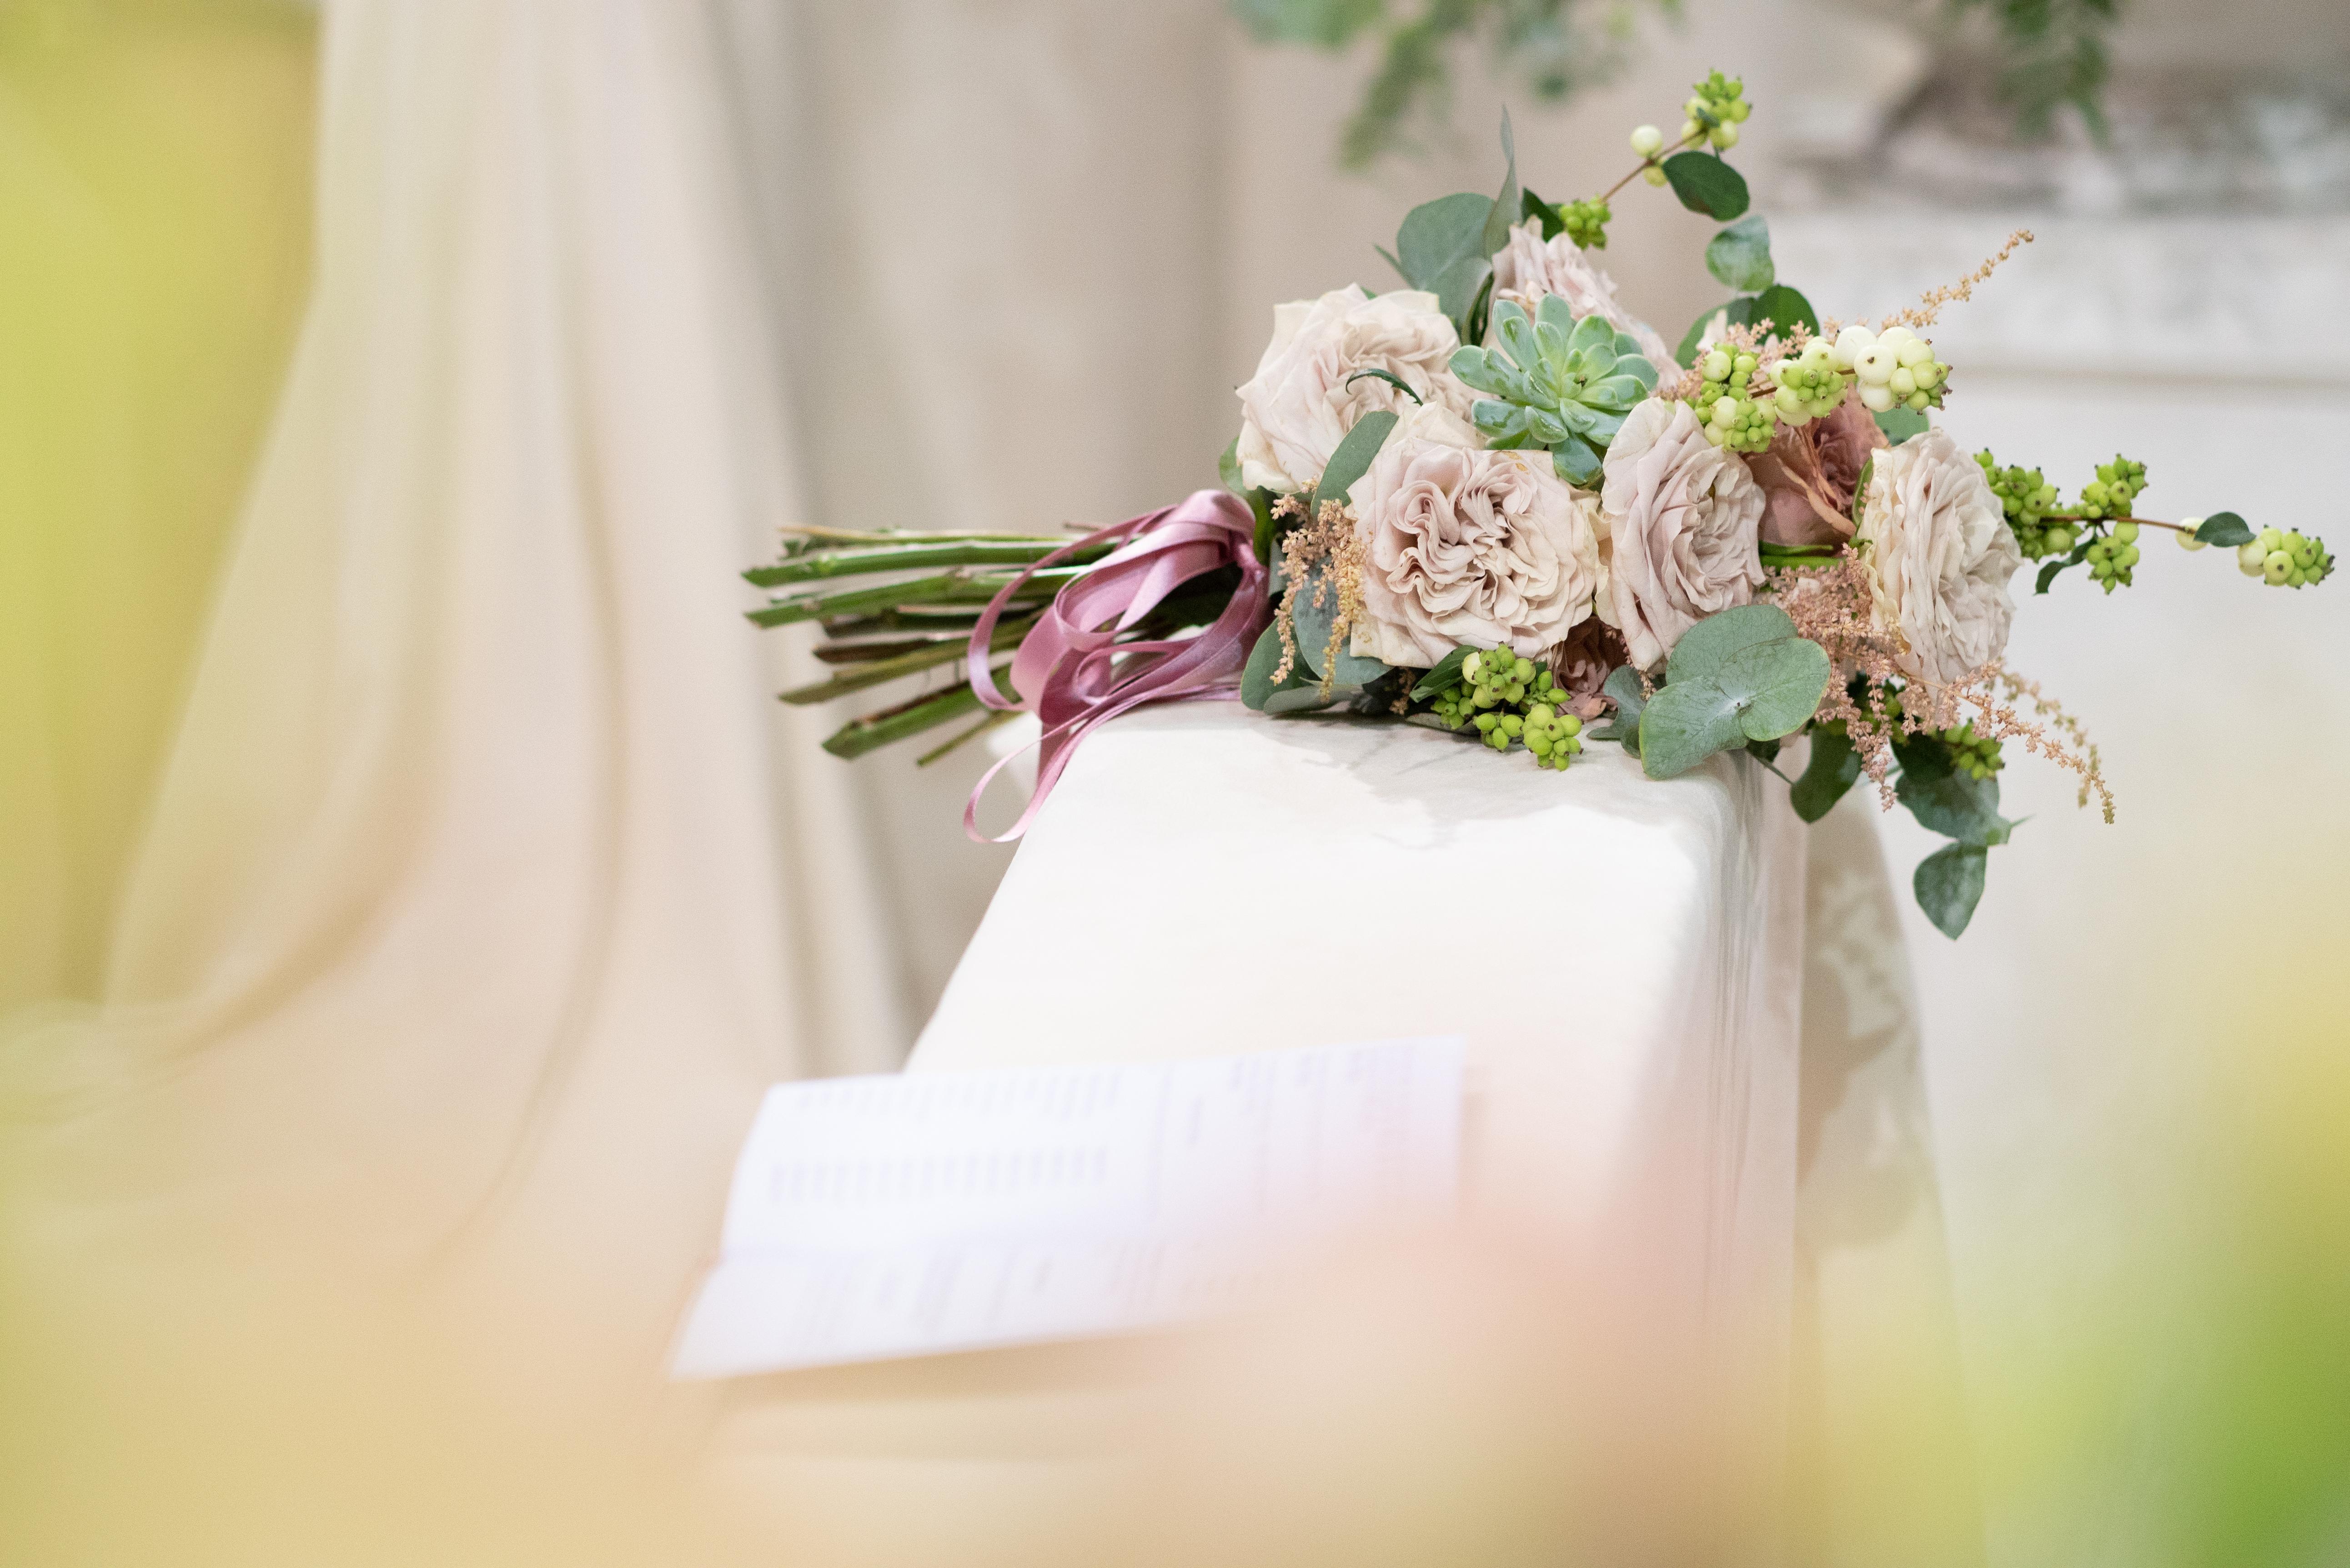 g-eventi-wedding